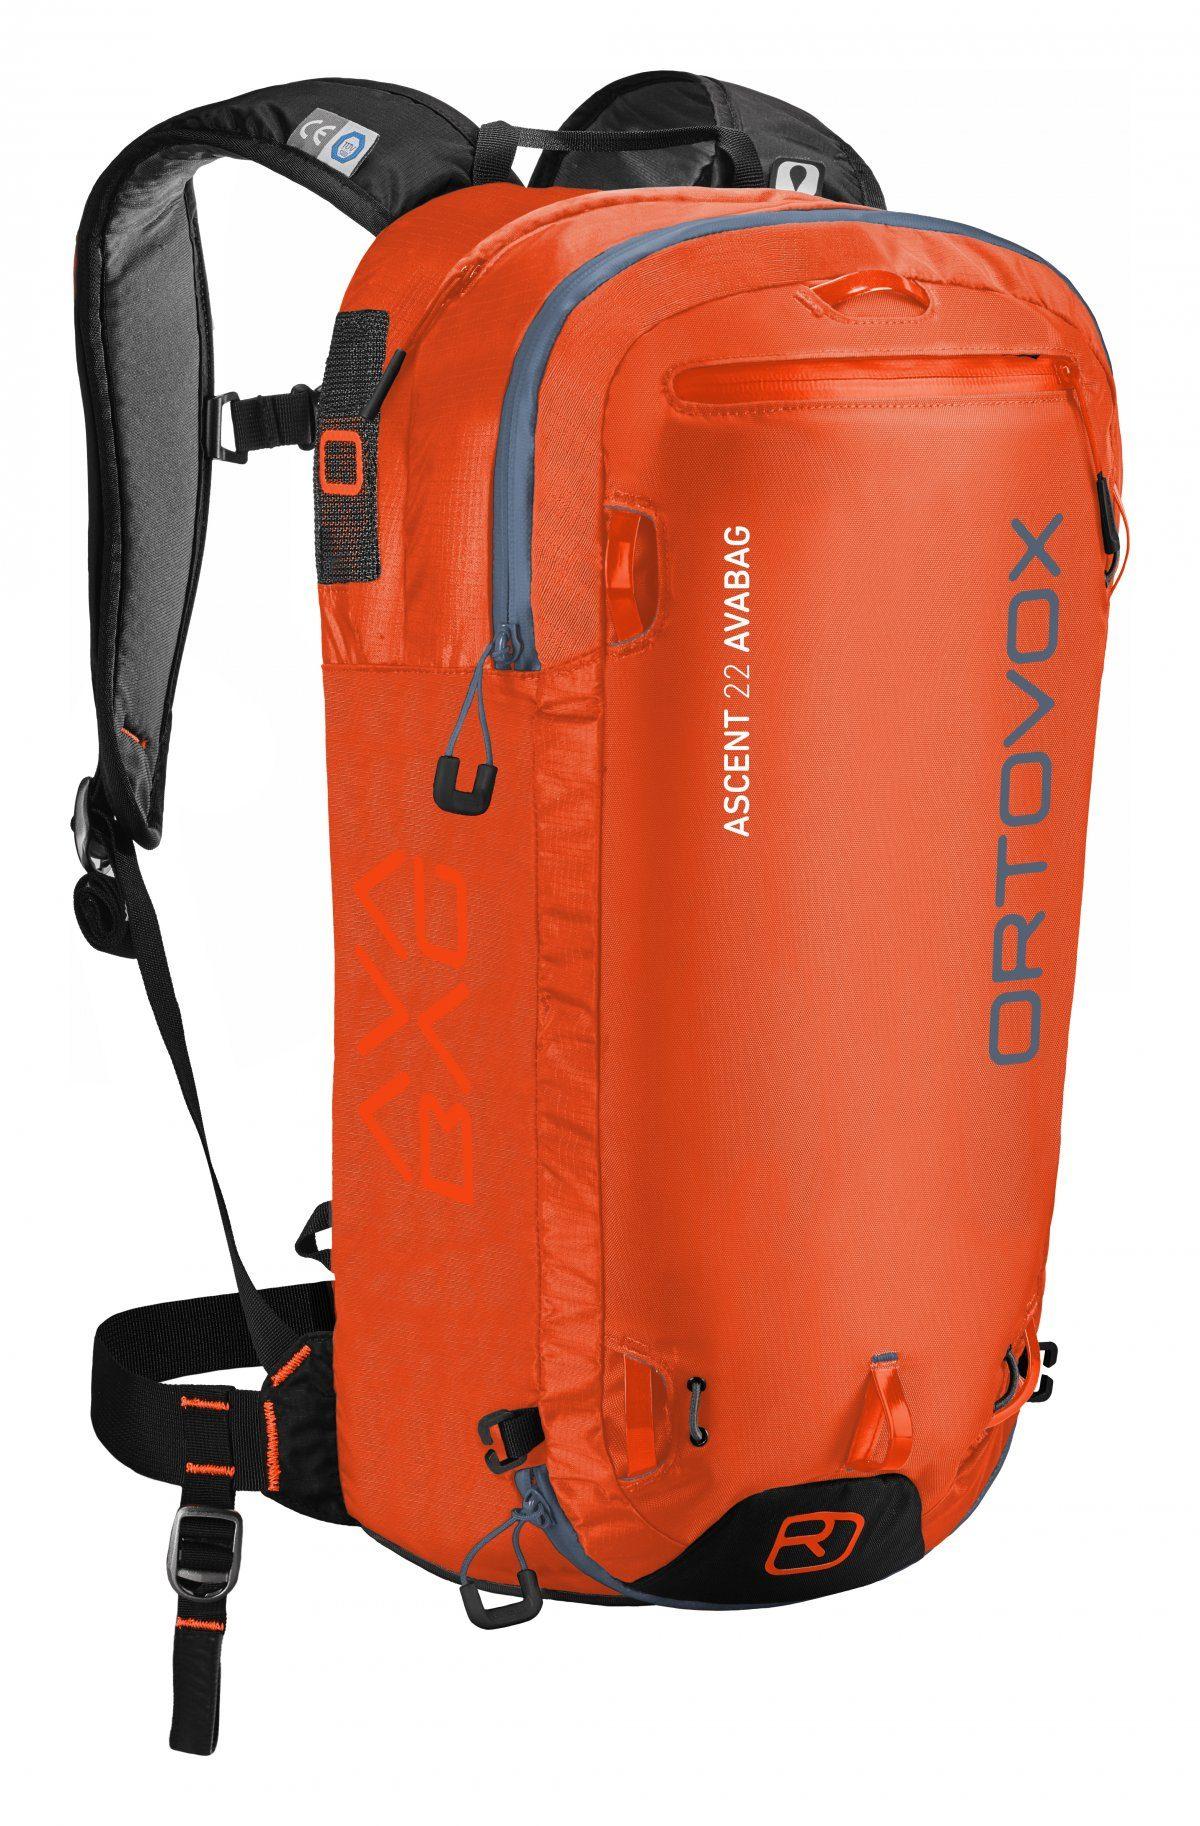 Ortovox Ascent 22 AVABAG Backpack w/o AVABAG Unit